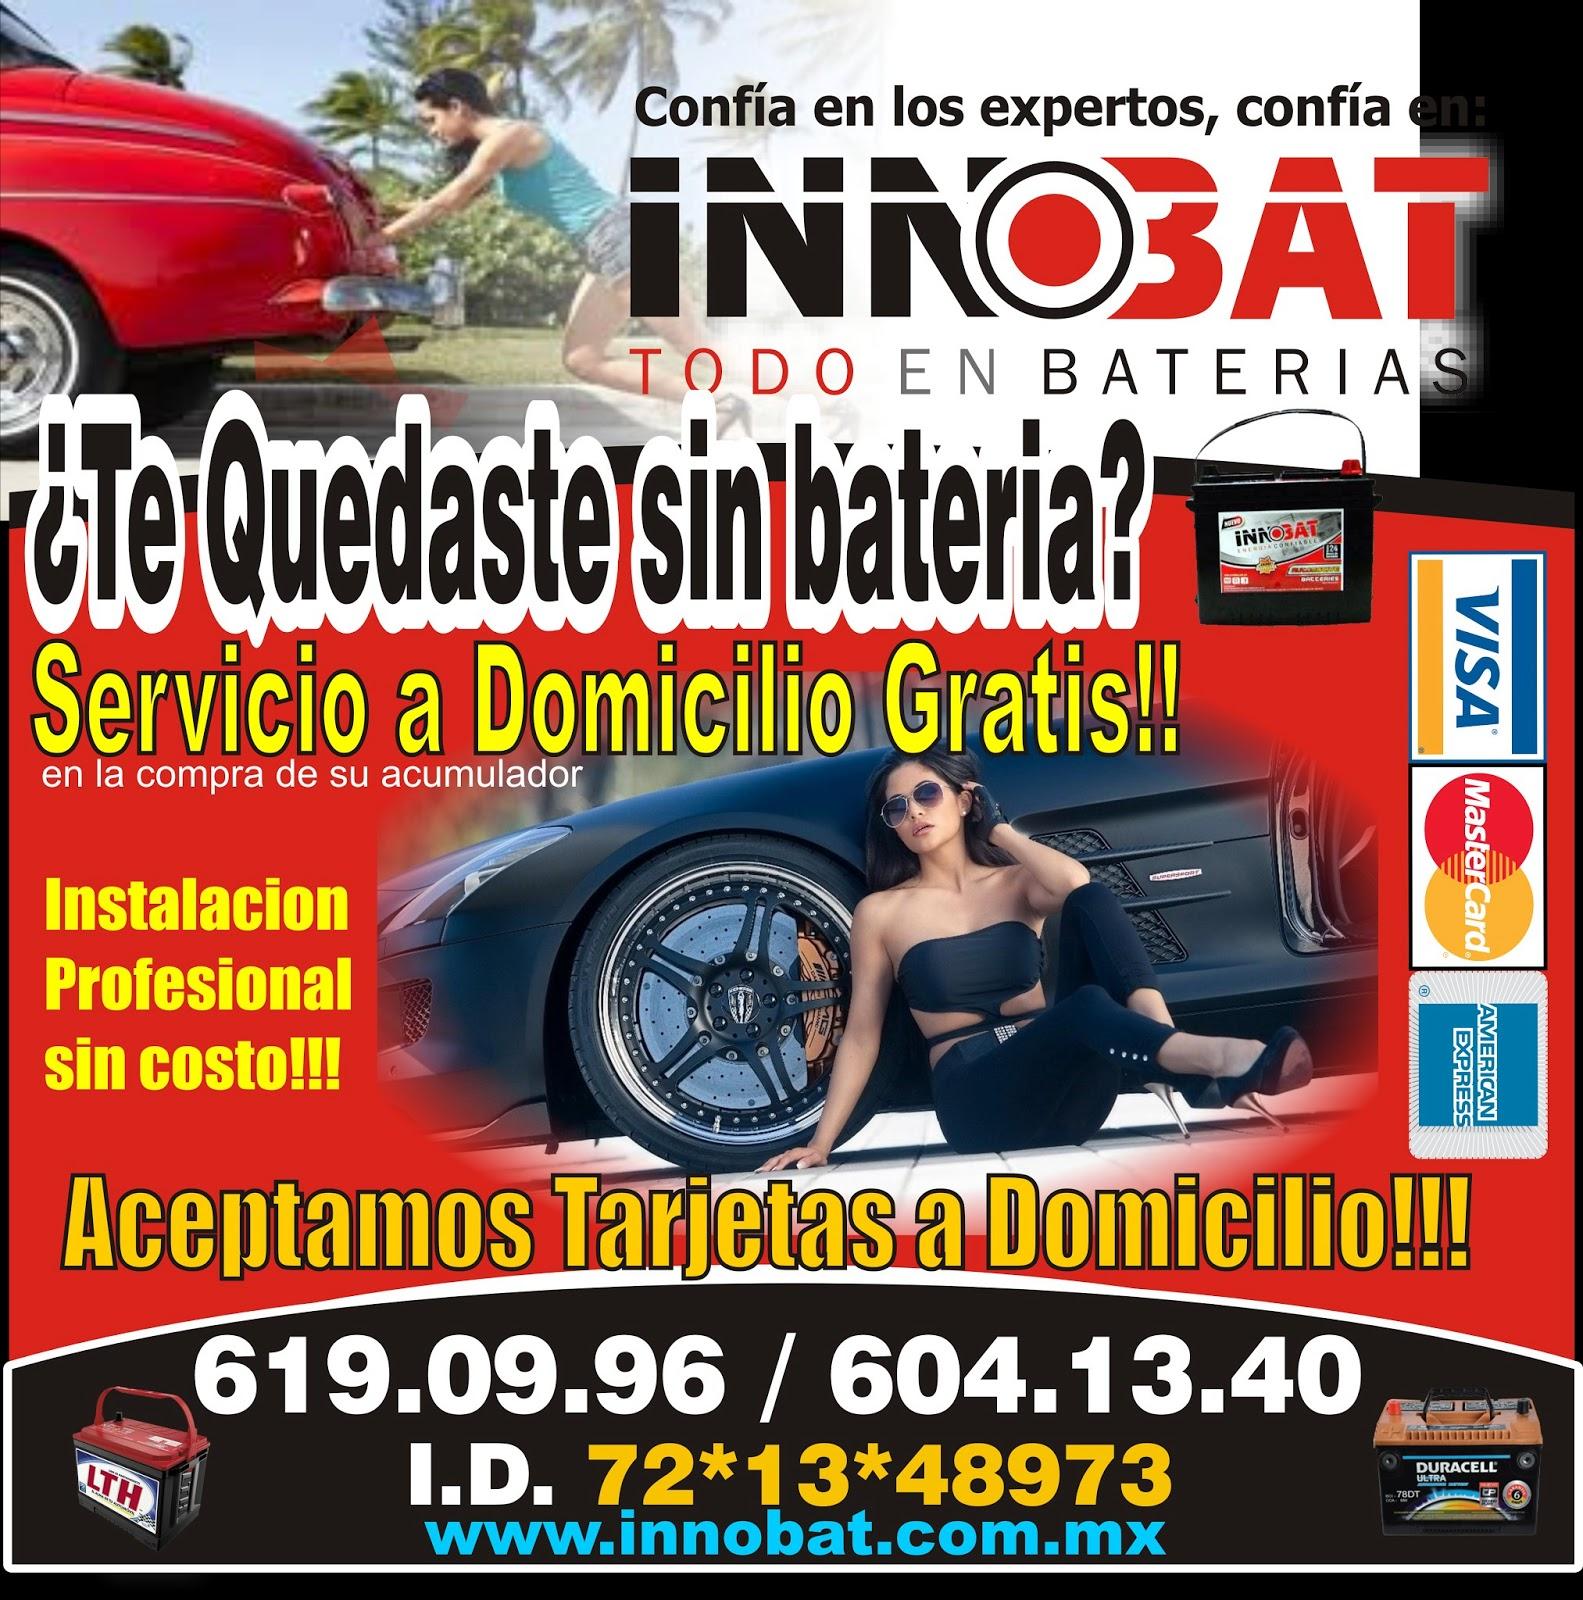 INNOBAT: Baterias LTH A Domicilio En Puebla